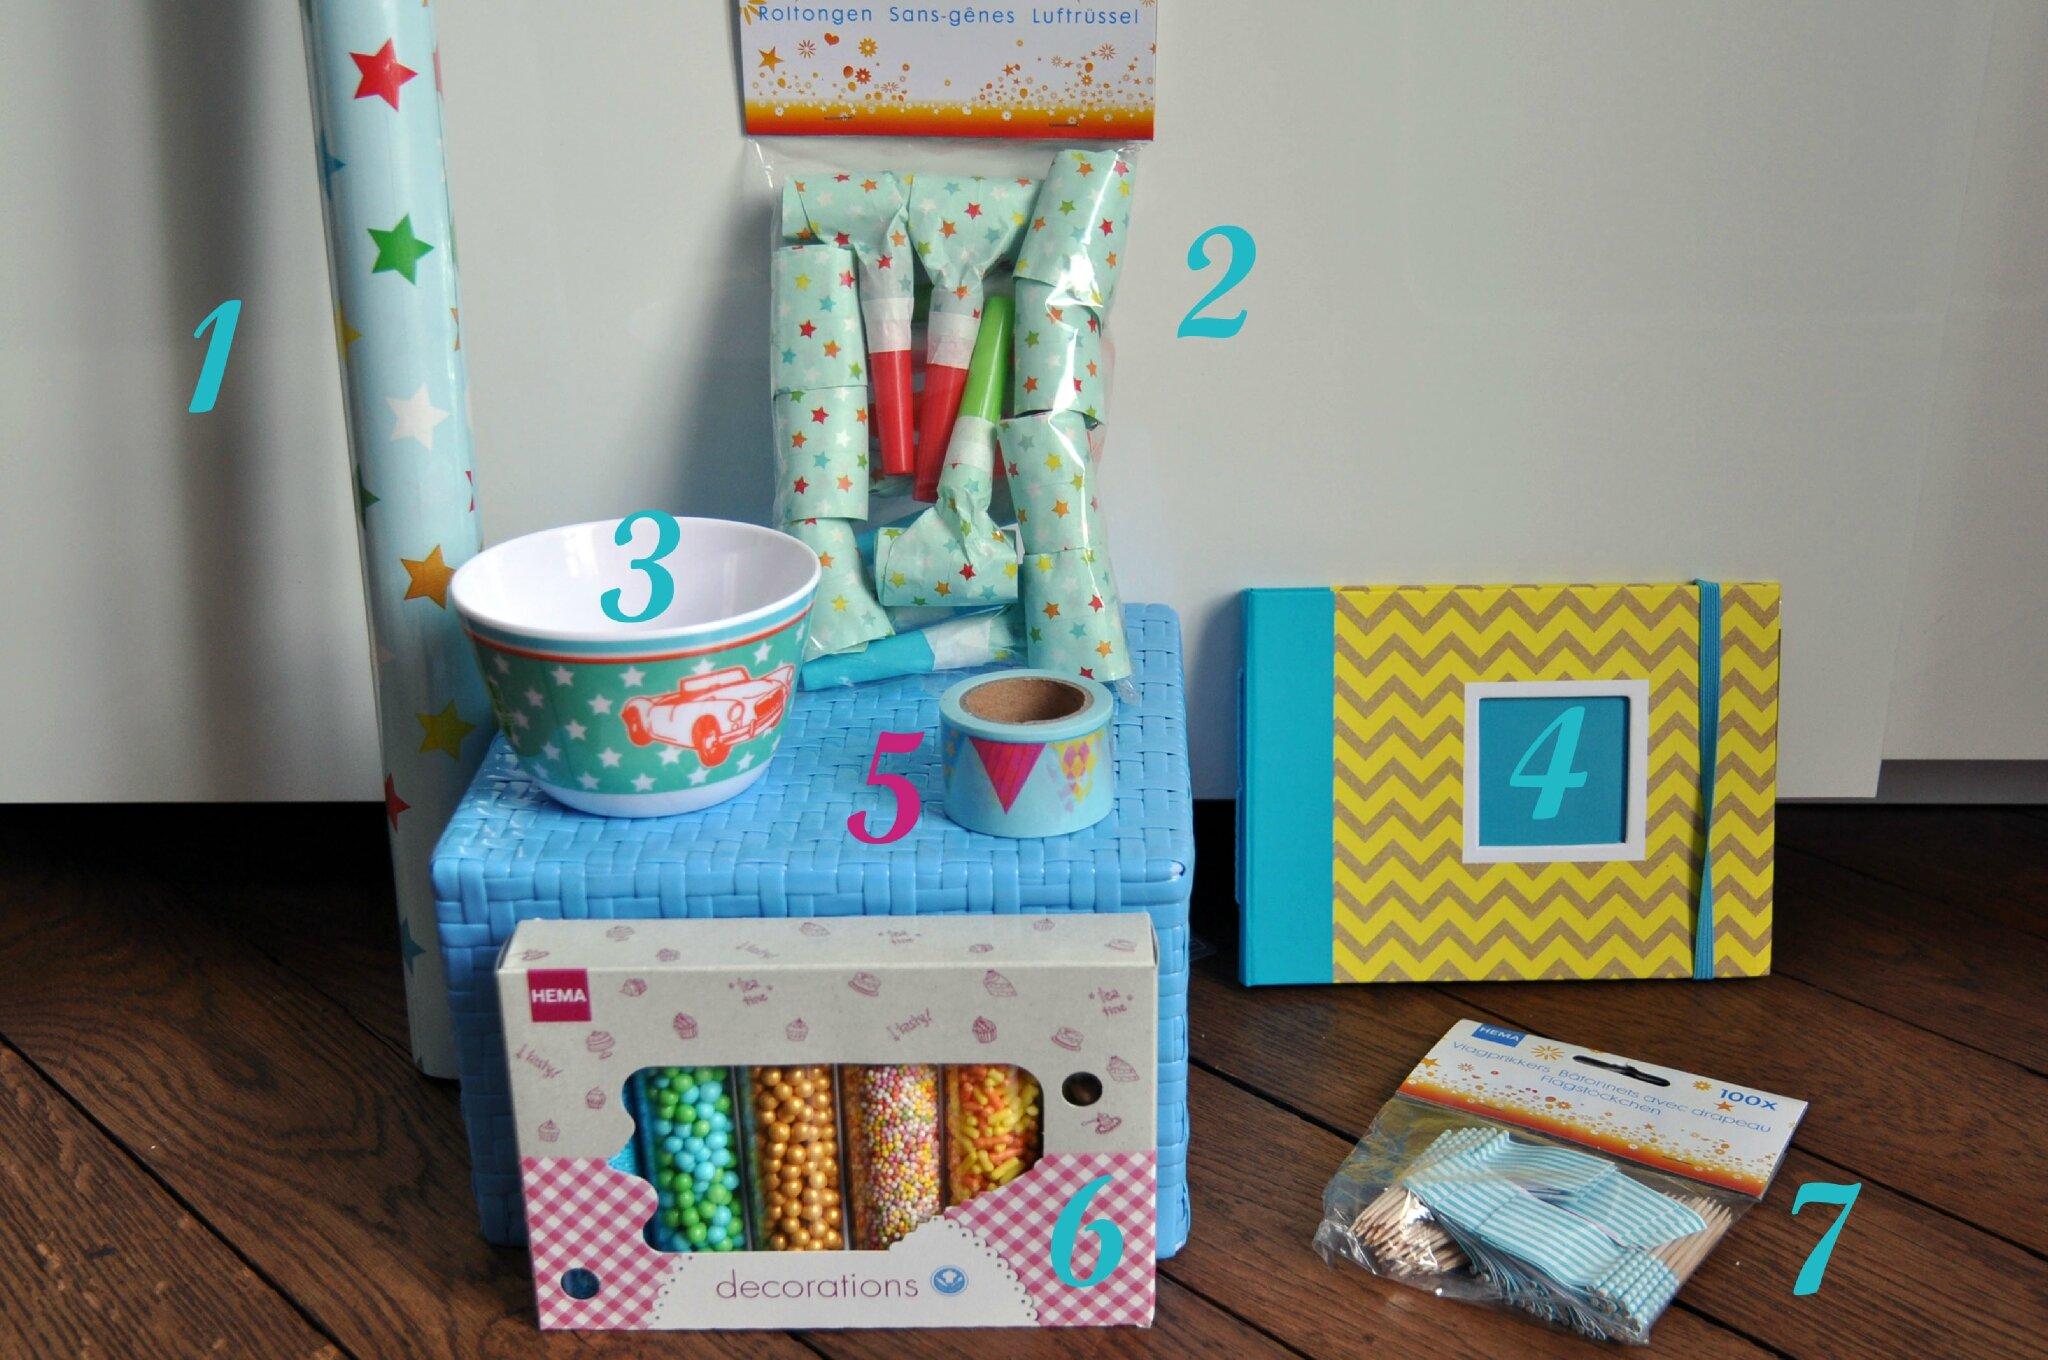 pr parer son premier anniversaire 1 2 la page de vie de mlleor. Black Bedroom Furniture Sets. Home Design Ideas